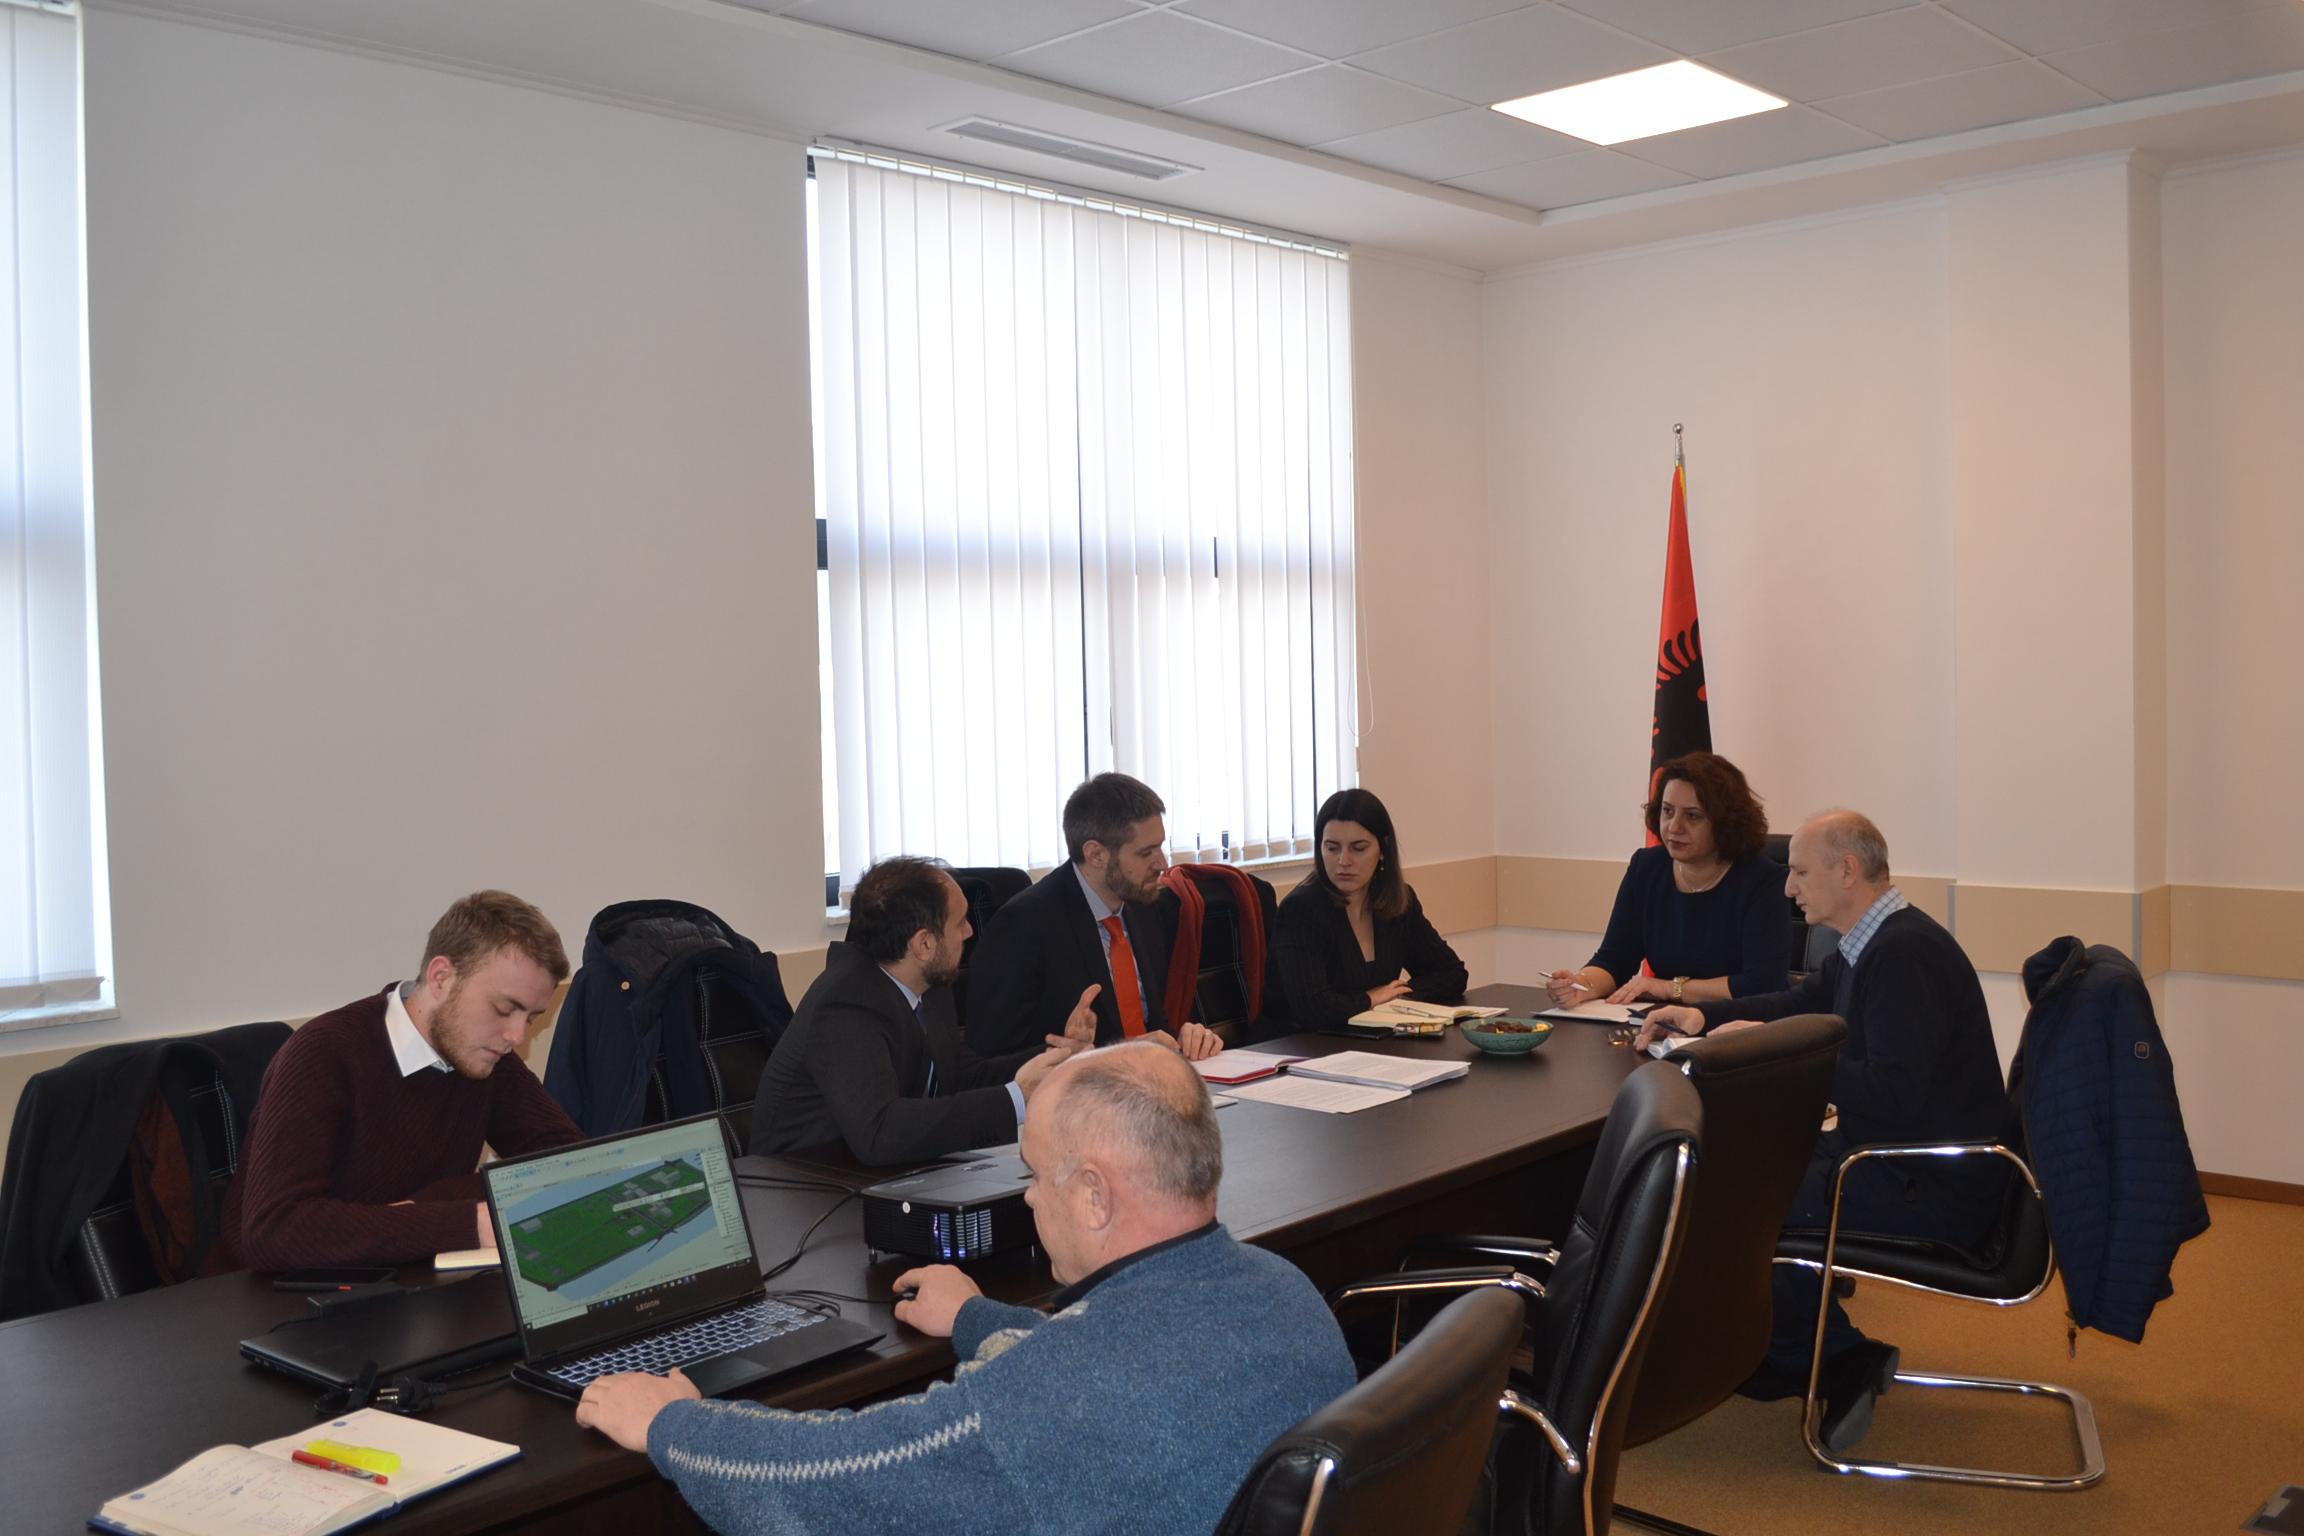 Zyrtarë të Ministrisë së Financave dhe Bankës Evropiane për Investime vizituan UMIB-in